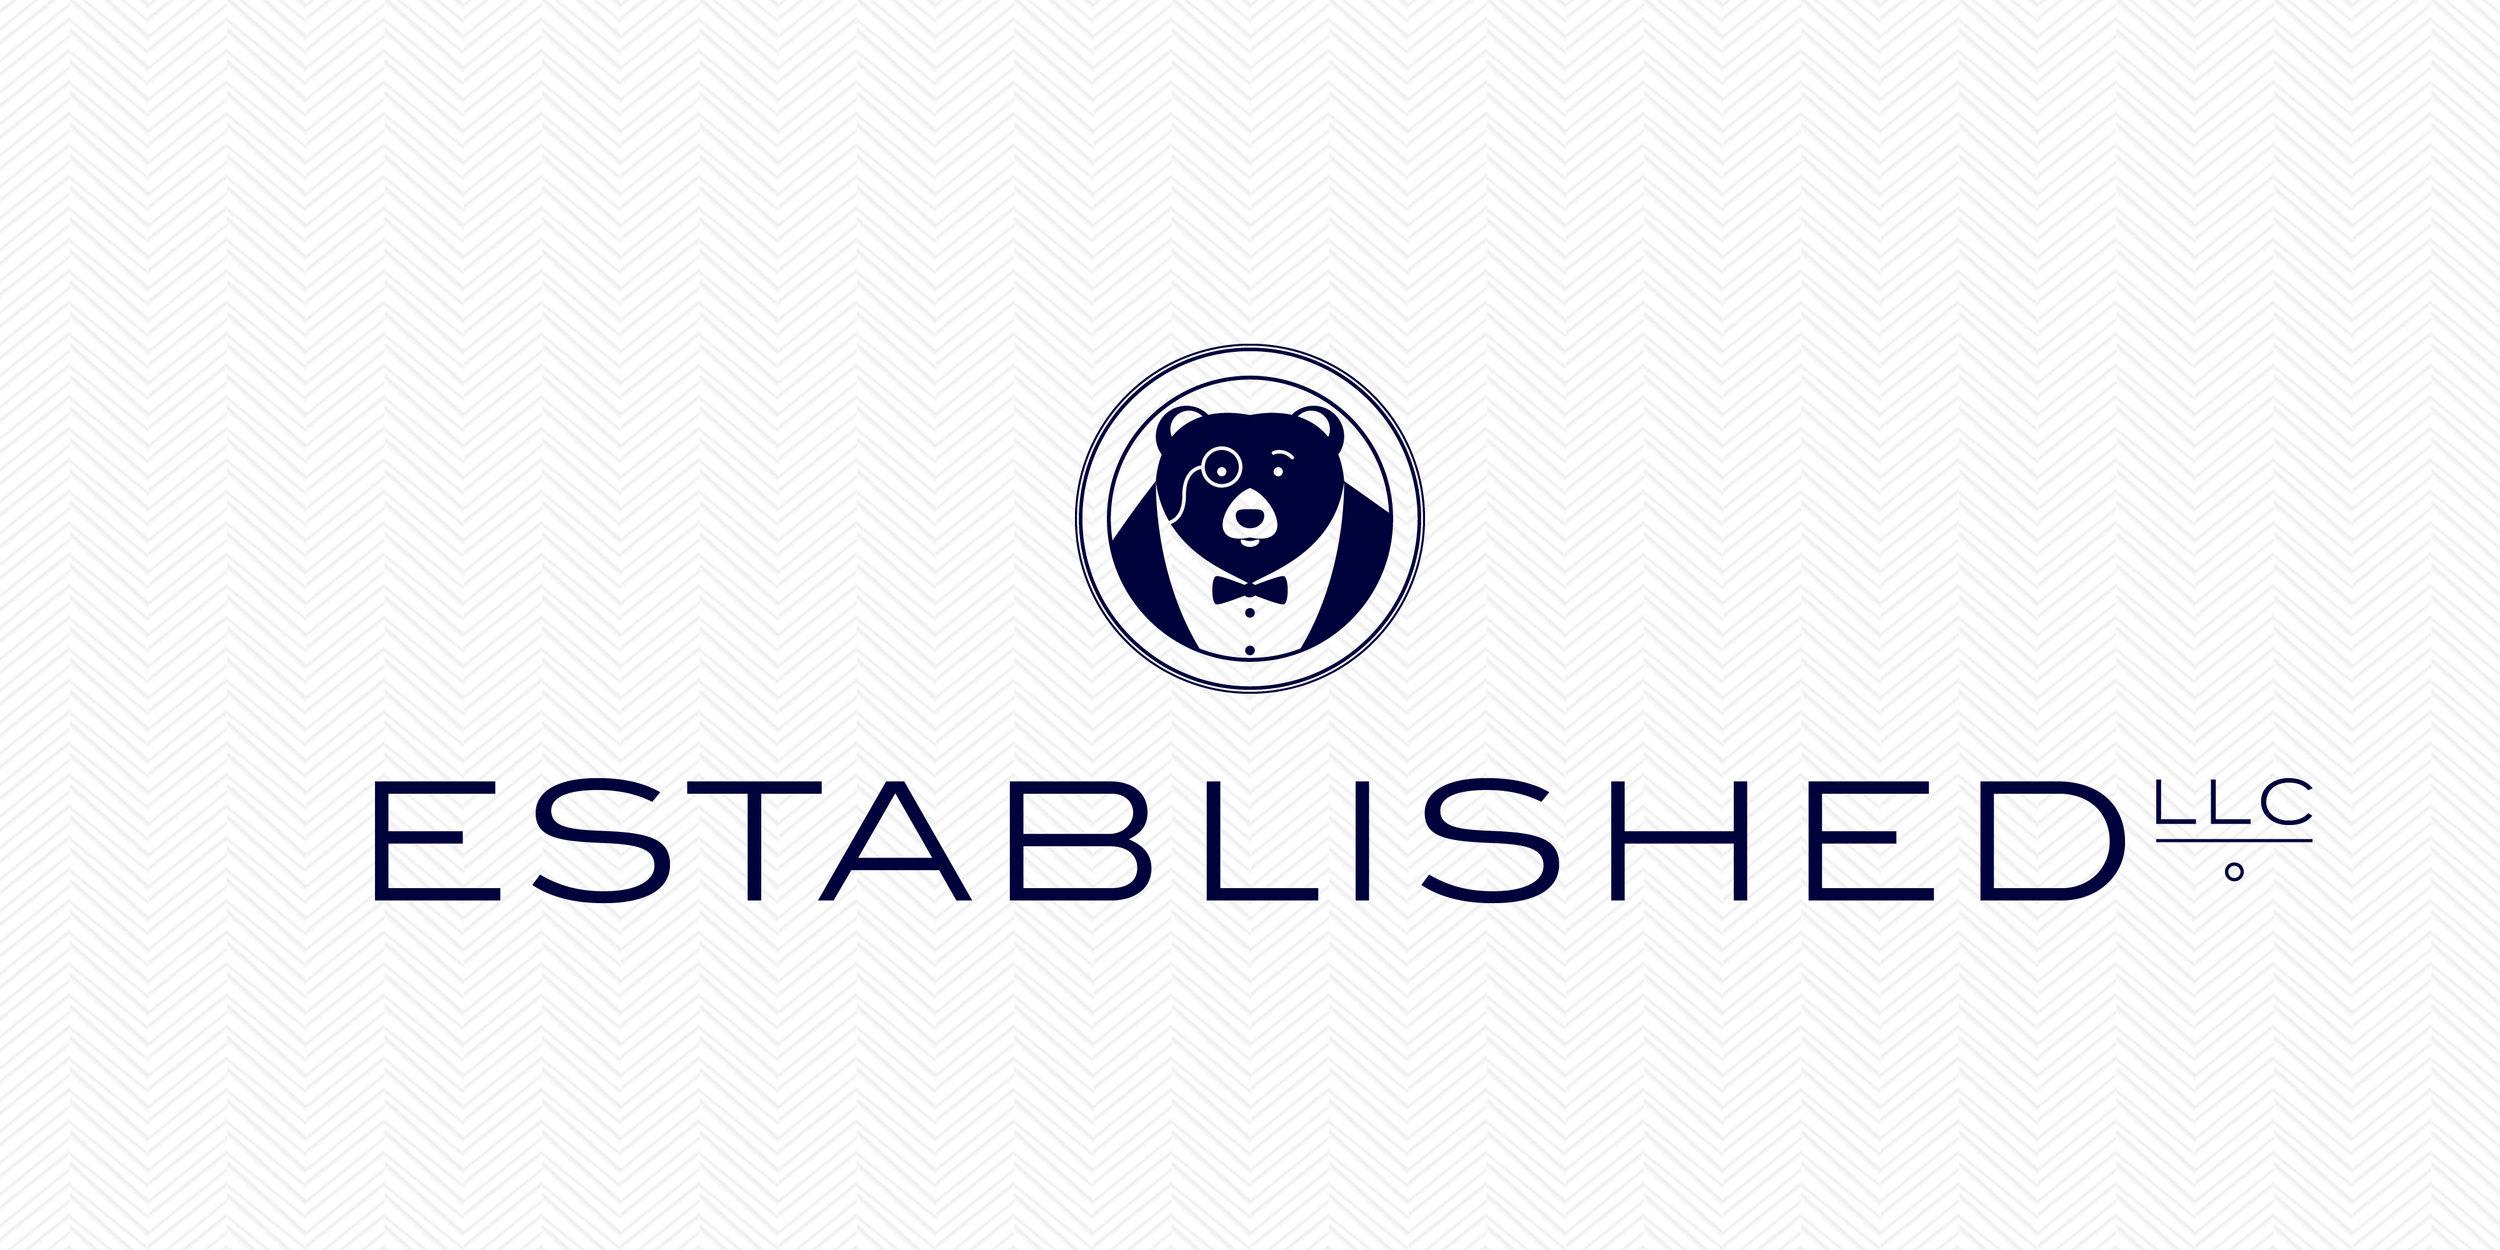 SHIP-port-EST-identity-logo11.jpg